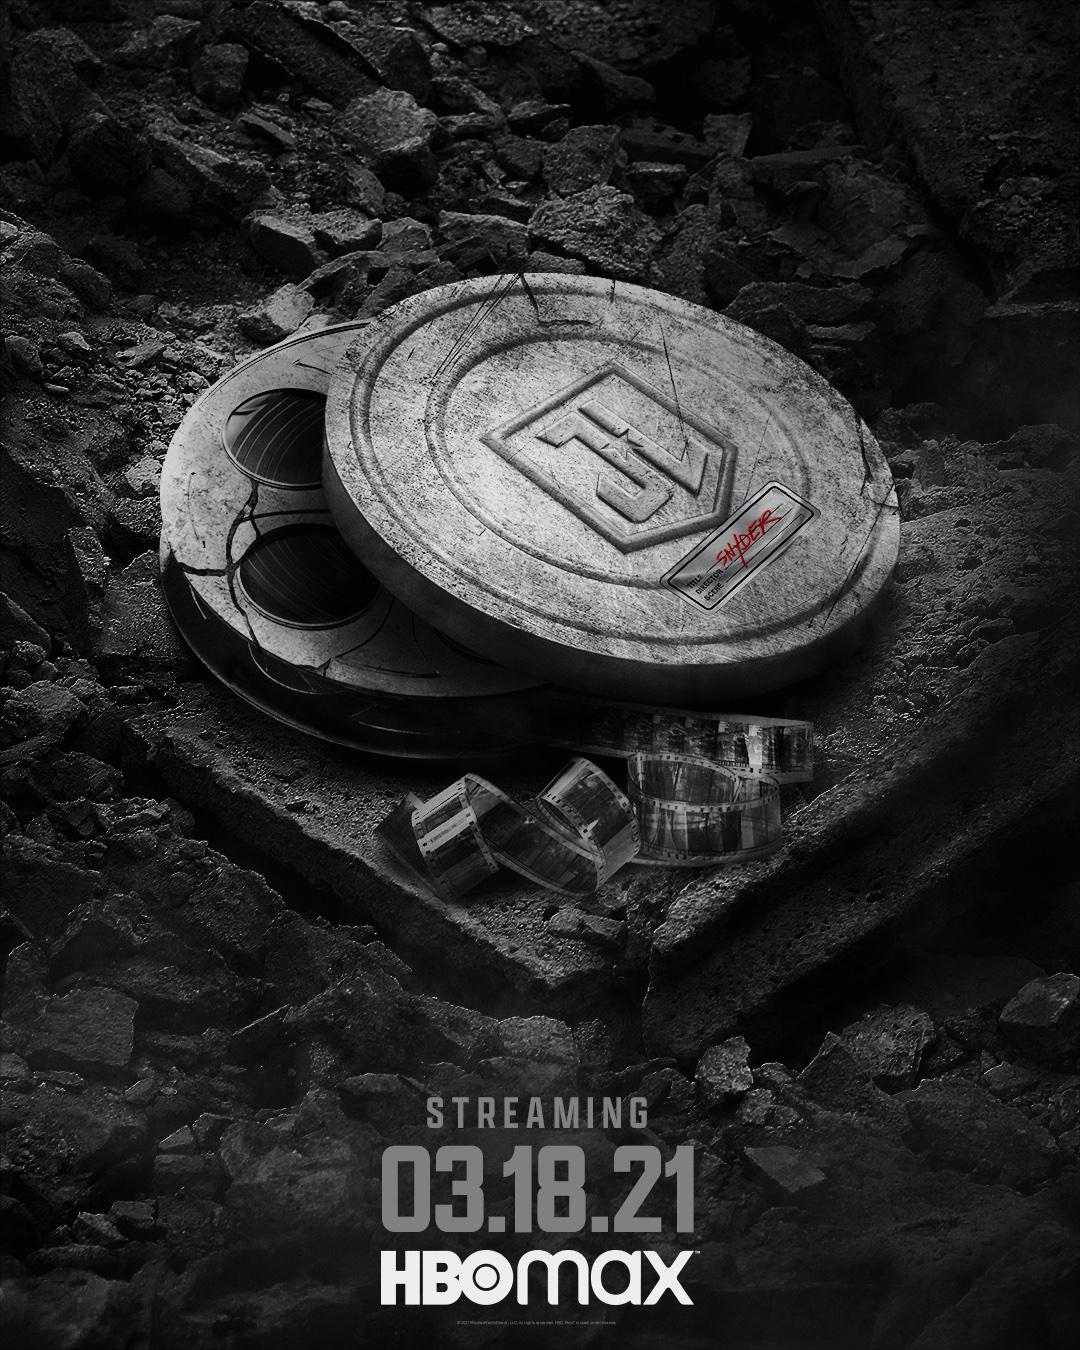 «Лига справедливости» Зака Снайдера выйдет 18 марта